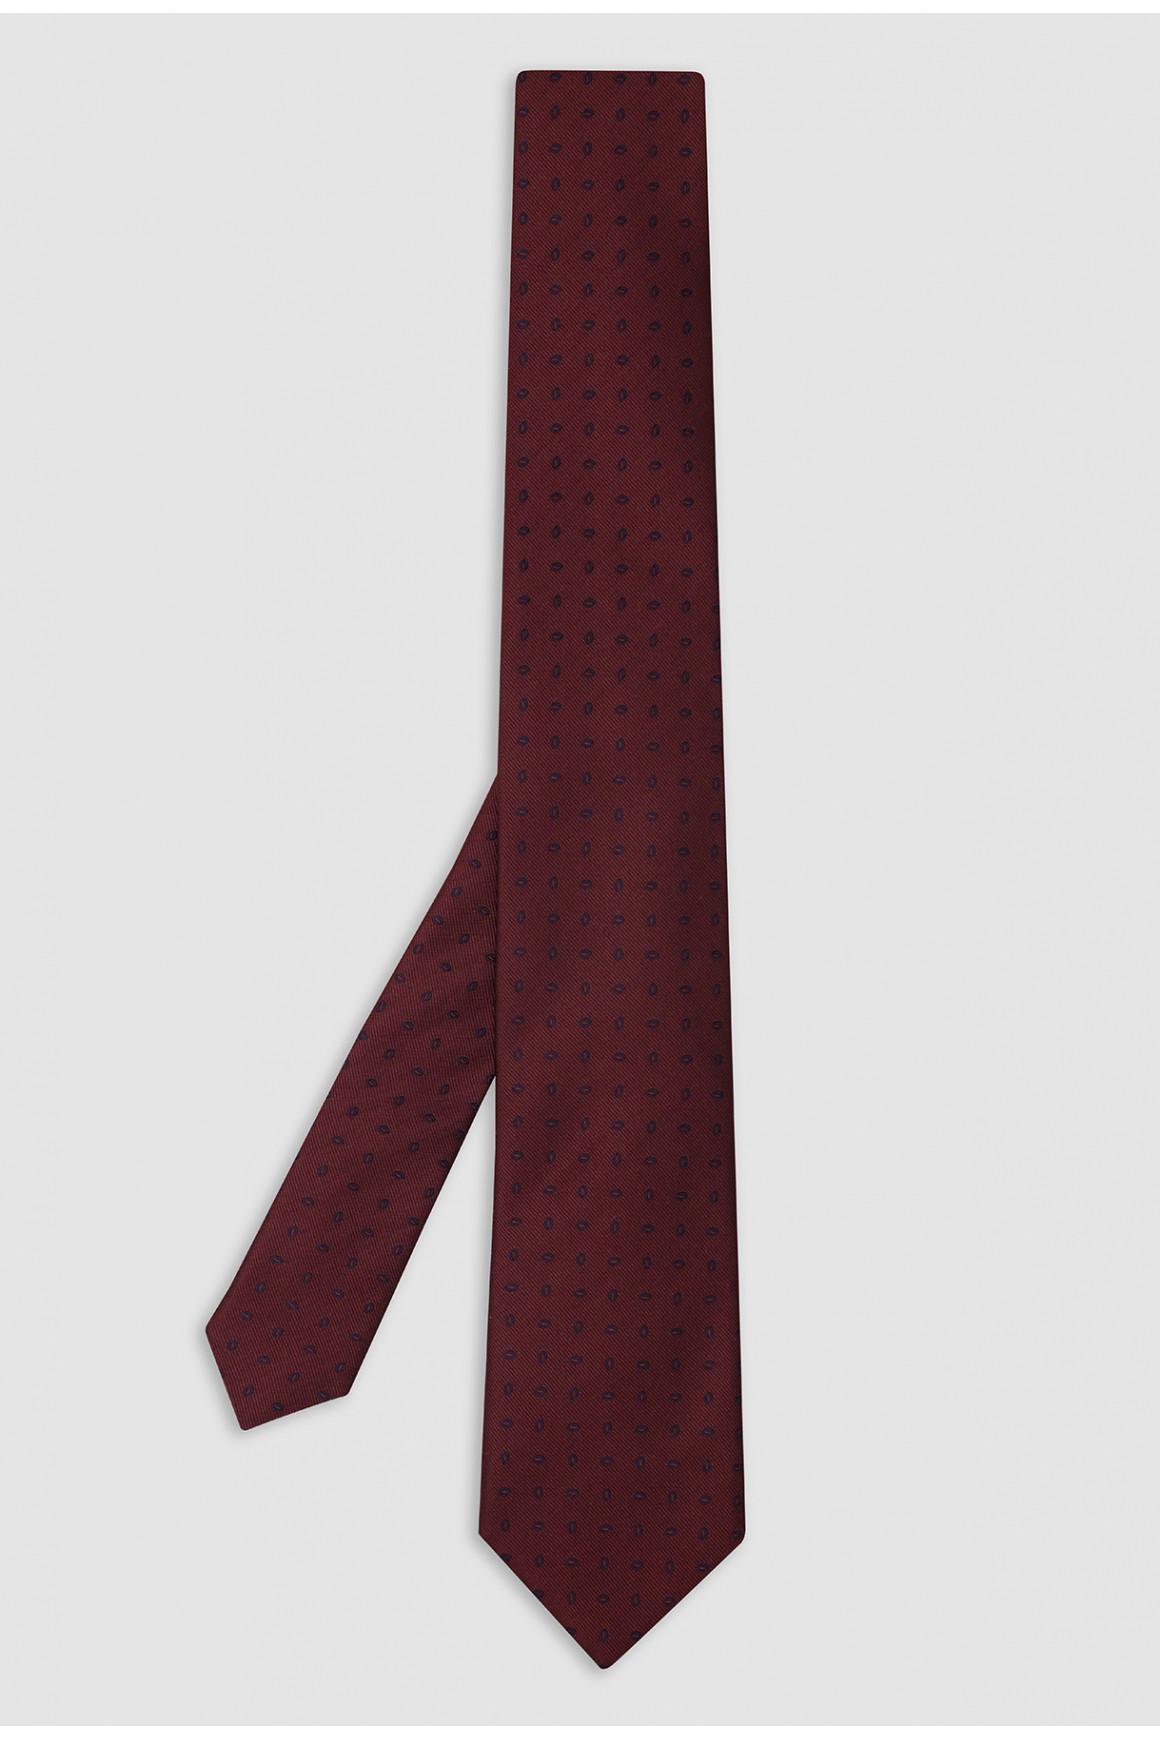 Cravate Rouge Micromotif Soie